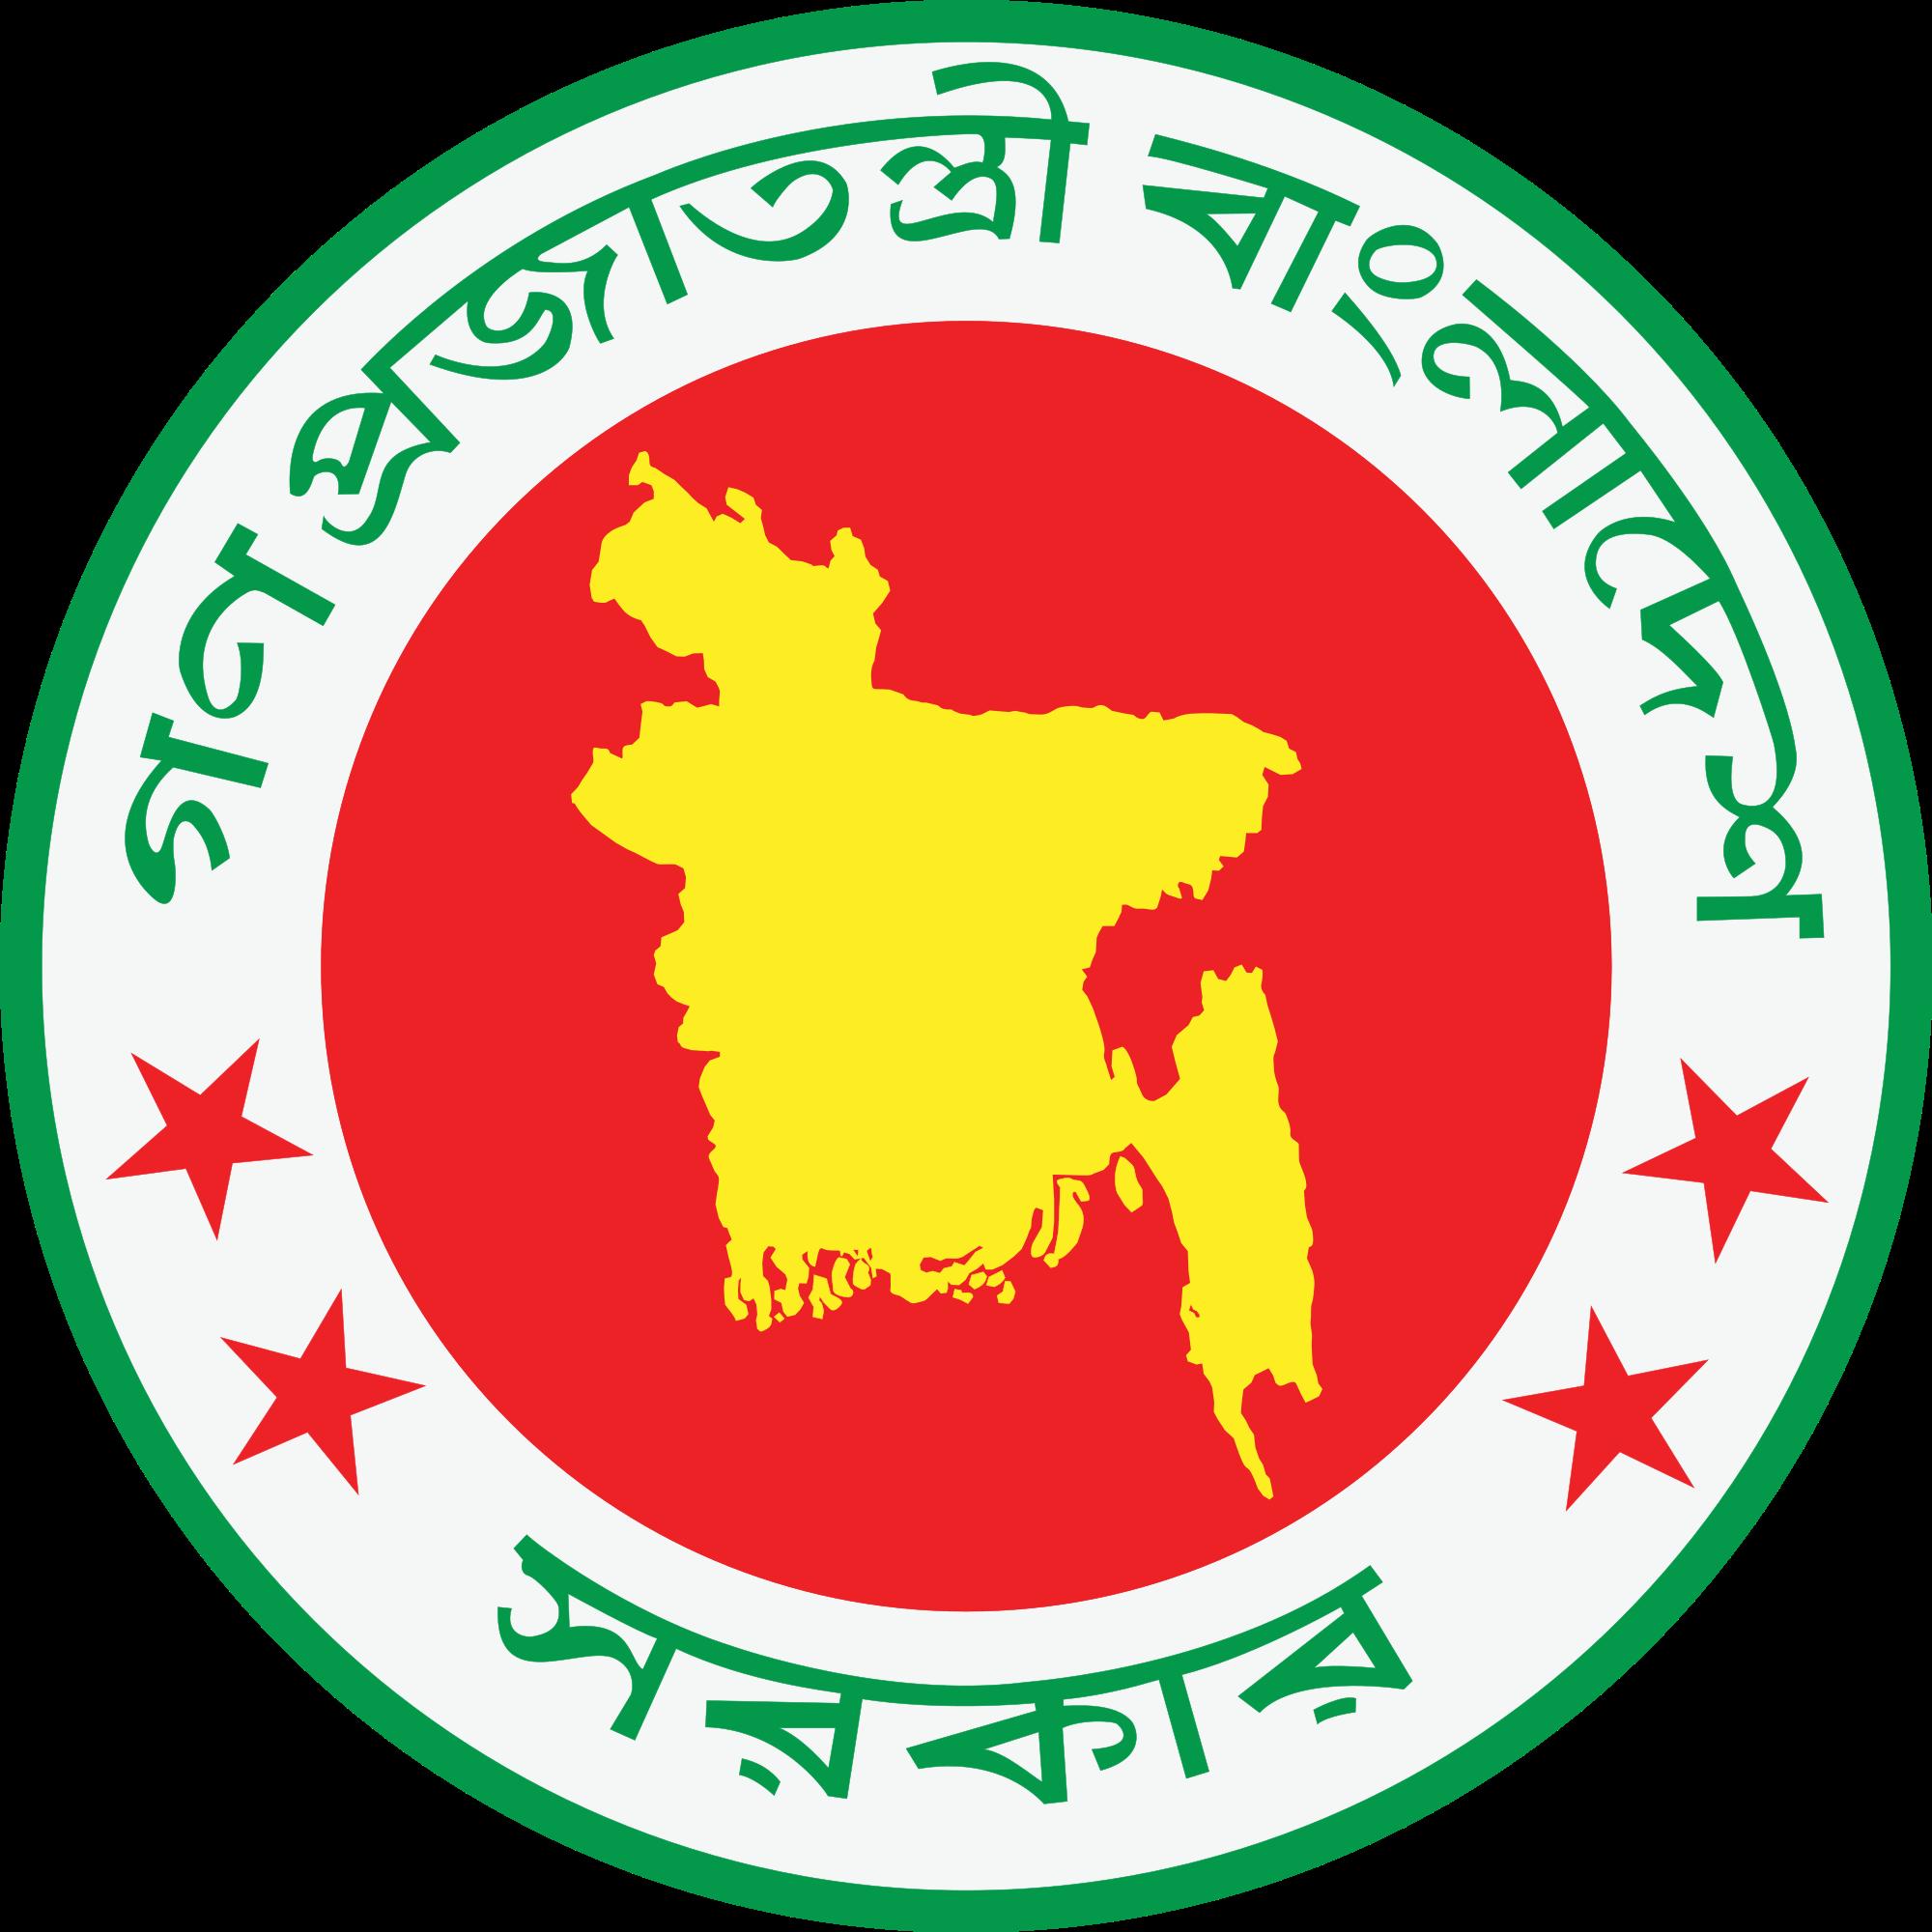 Government Seal of Bangladesh.